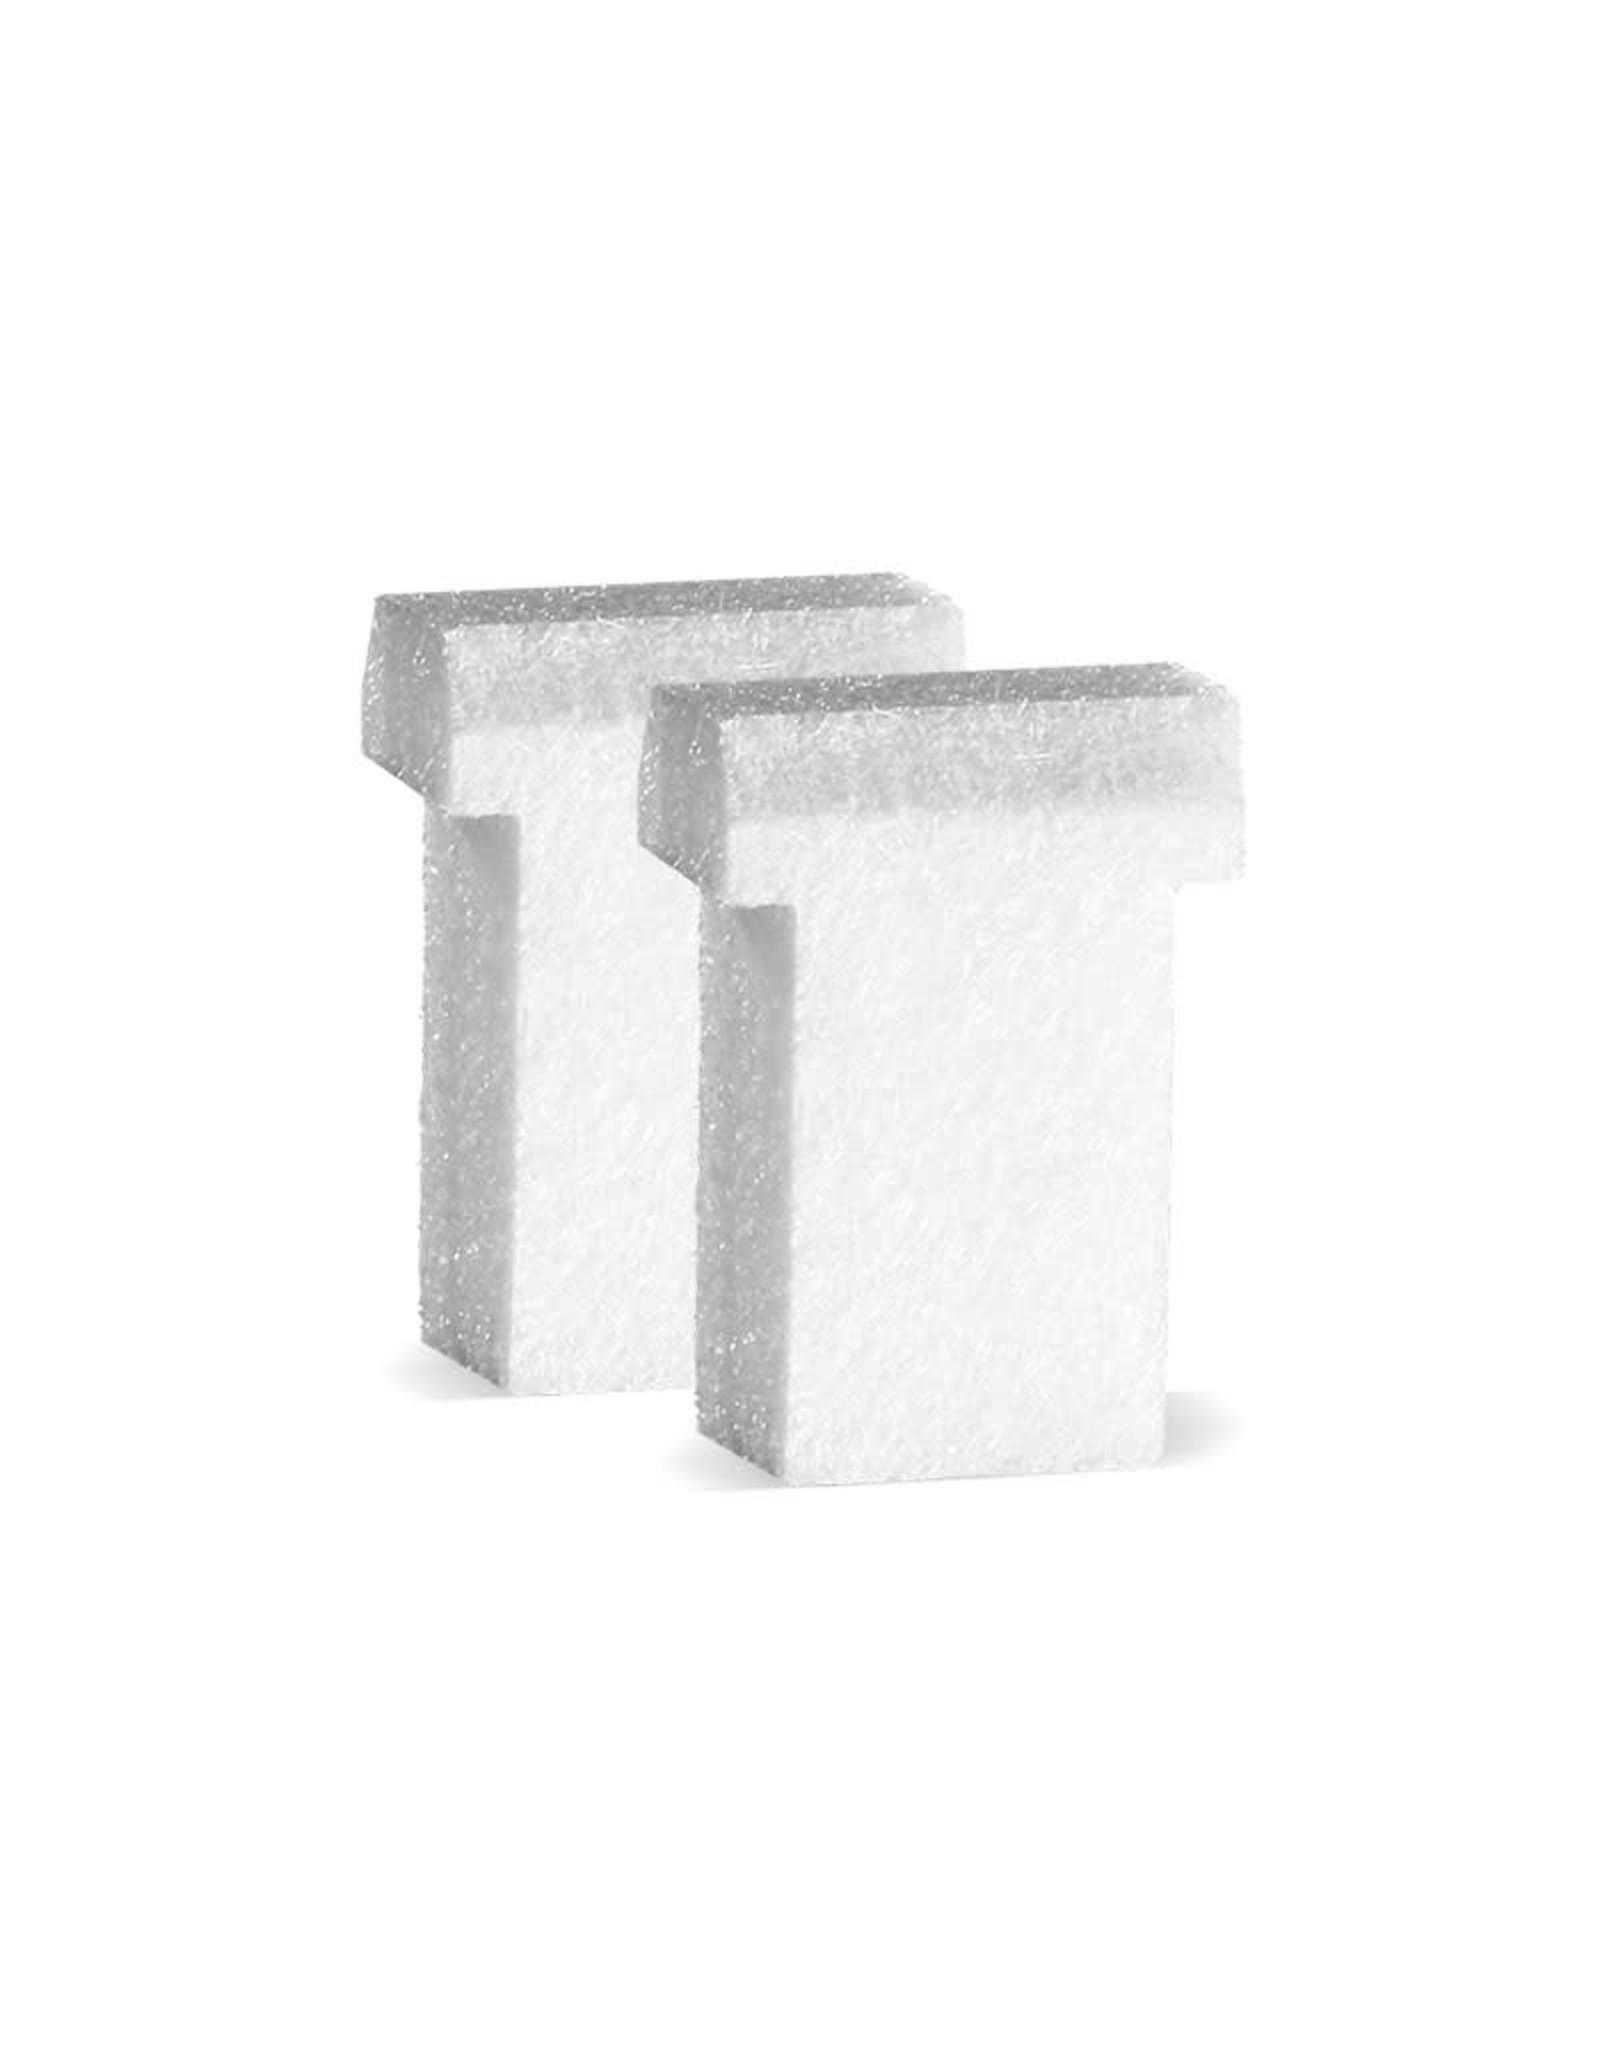 MOLOTOW MOLOTOW T-Style Tip 20 mm (2 pcs)